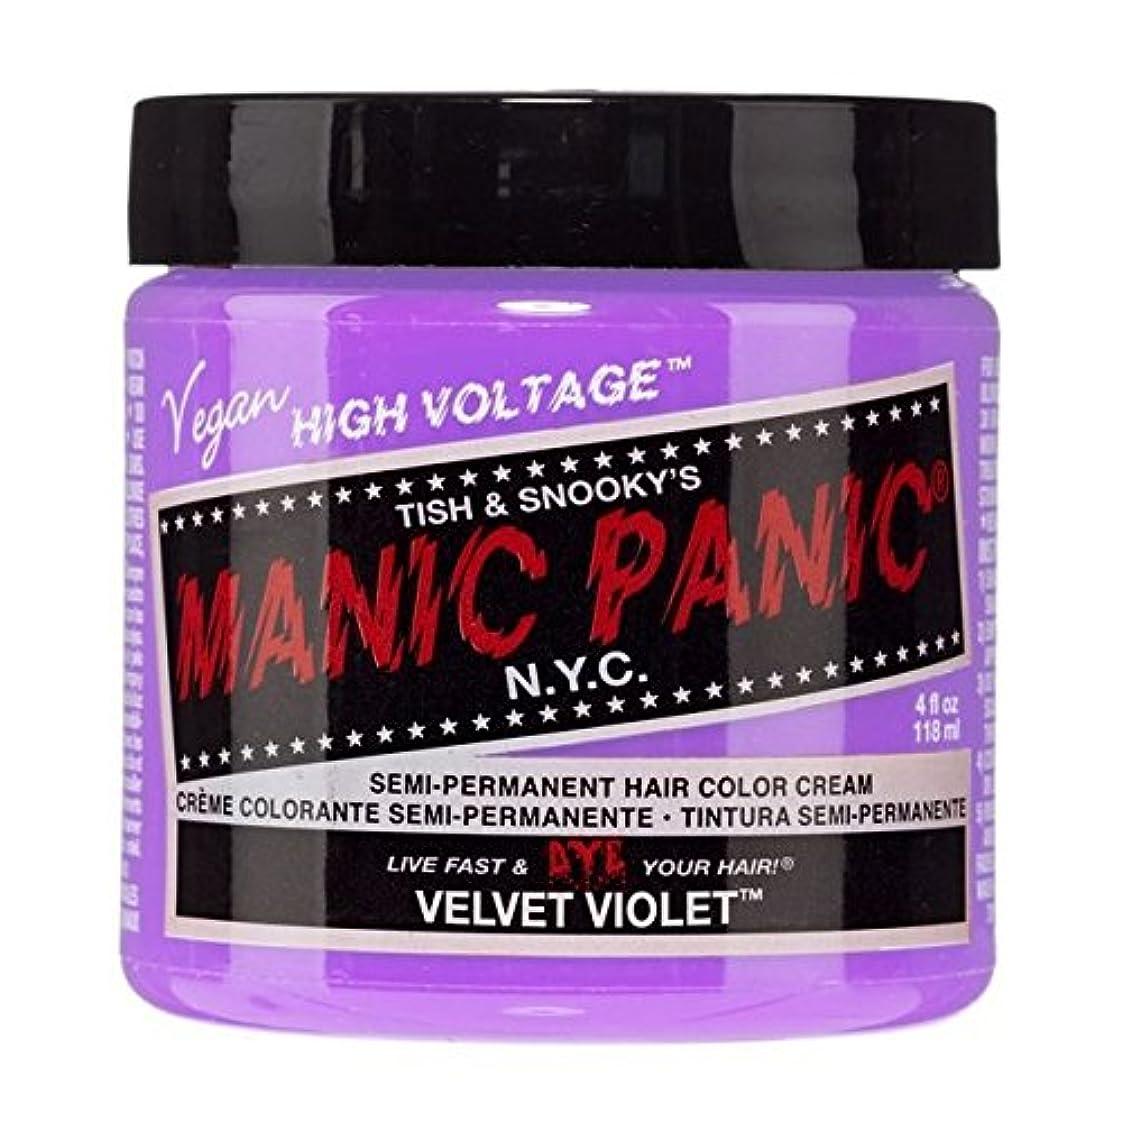 目的パックユーザースペシャルセットMANIC PANICマニックパニック:VELVET VIOLET (ベルベットヴァイオレット)+ヘアカラーケア4点セット